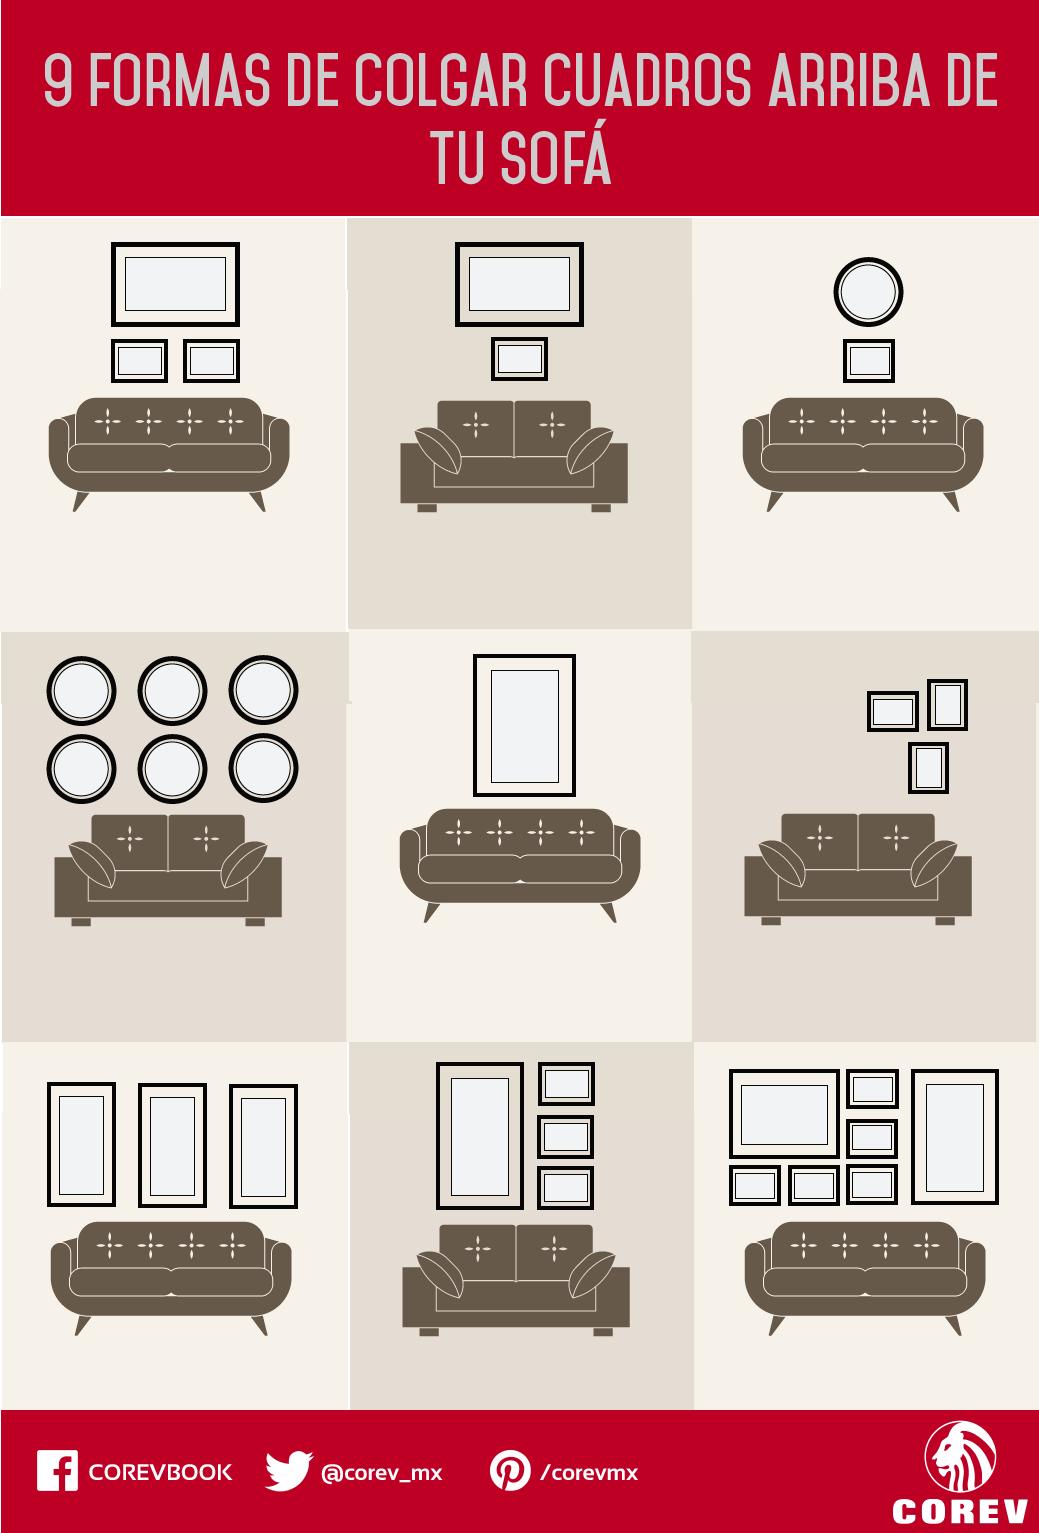 9 Increíbles maneras de colgar cuadros en la pared detrás de tu sofá. Ahora ya sabes cómo colocar tus fotos y recuerdos favoritos o tus obras de arte favoritas.   #Corevtips